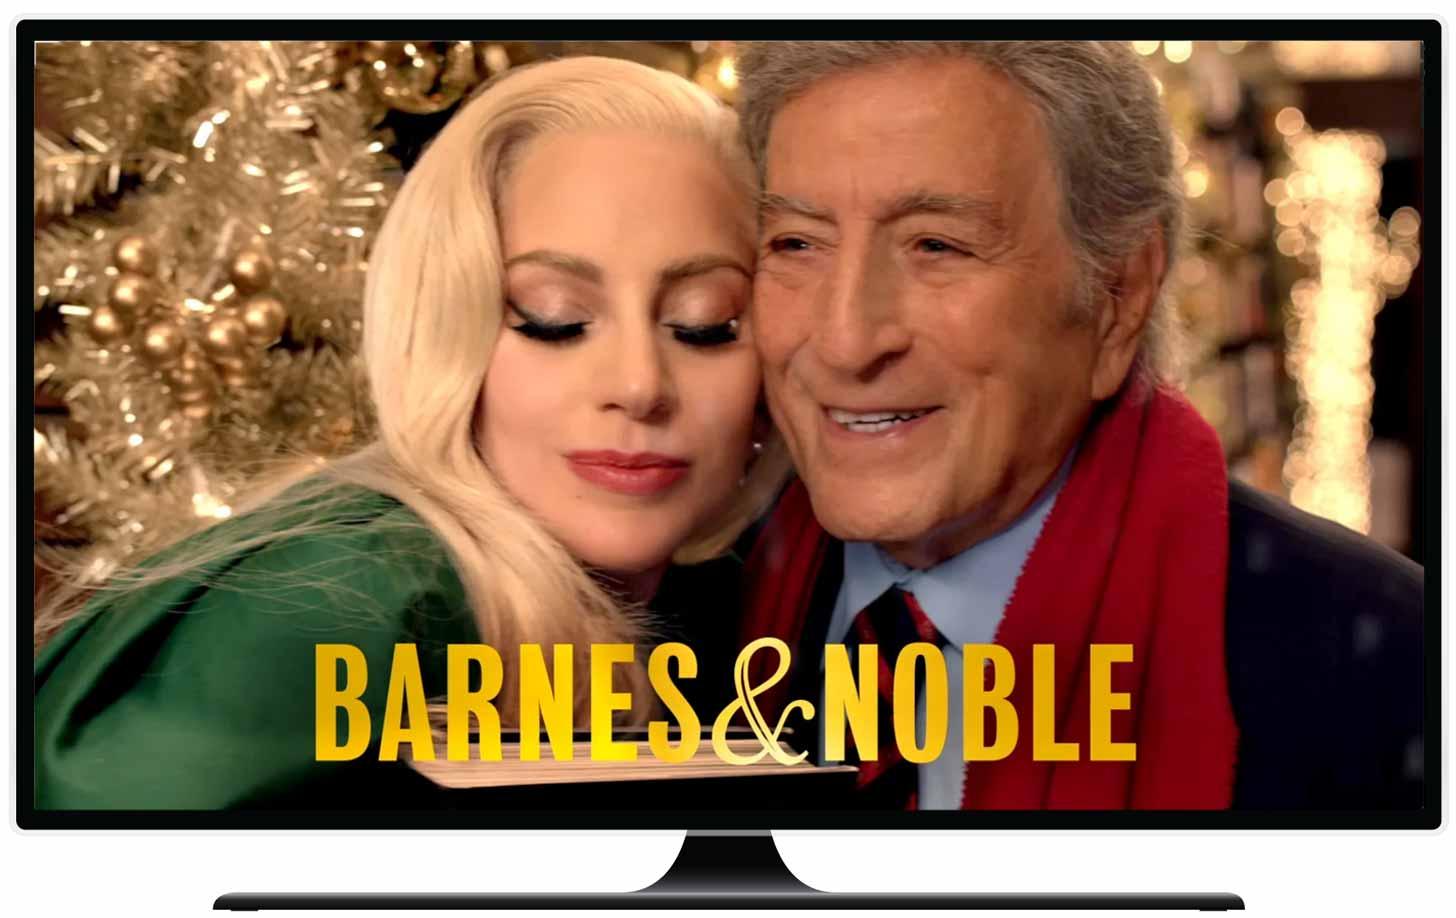 Barnes & Noble TV Ad